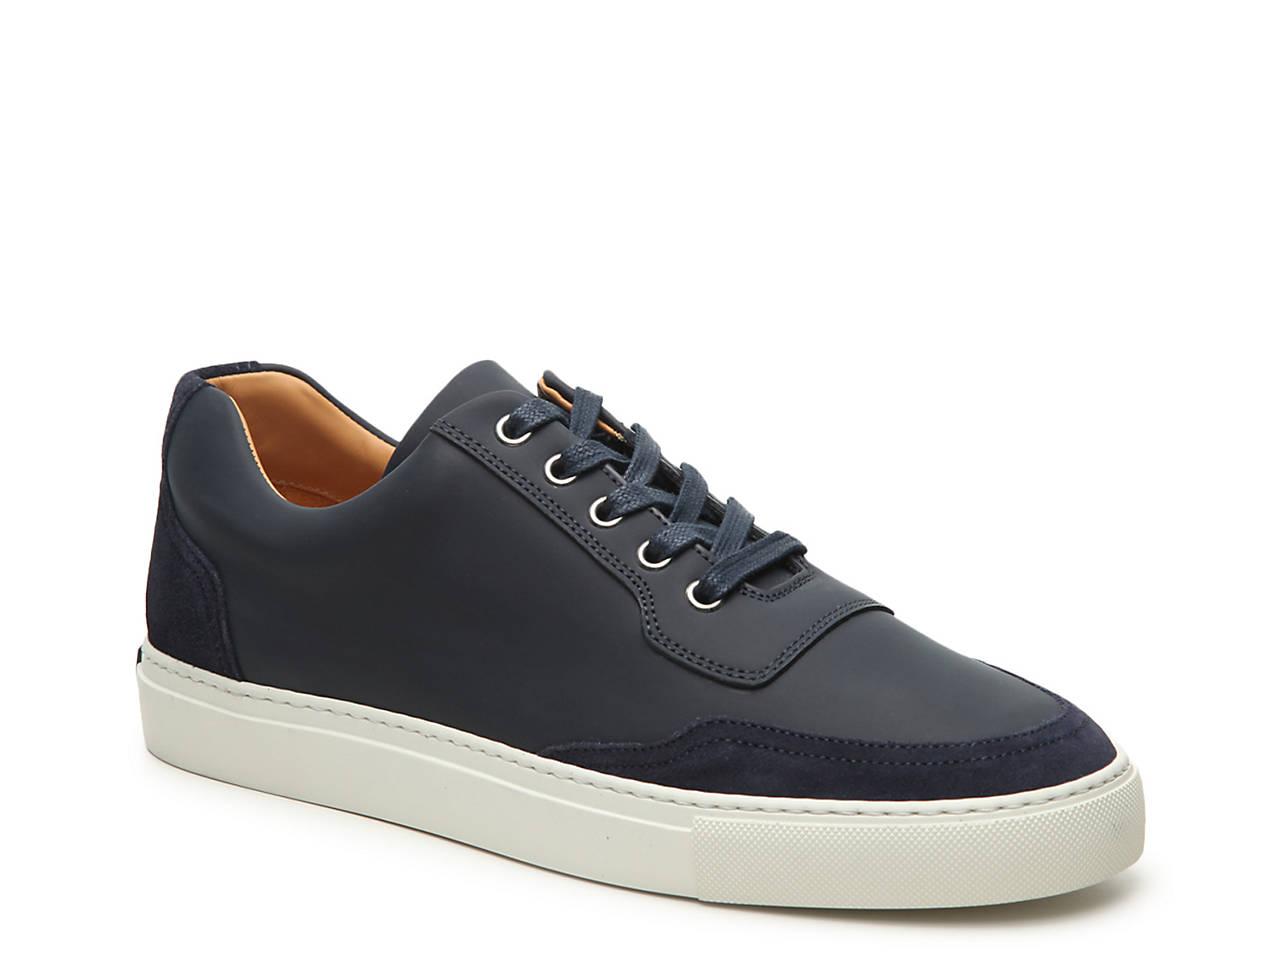 858d67729a2 Harrys of London Mr Jones 2 Sneaker Men s Shoes